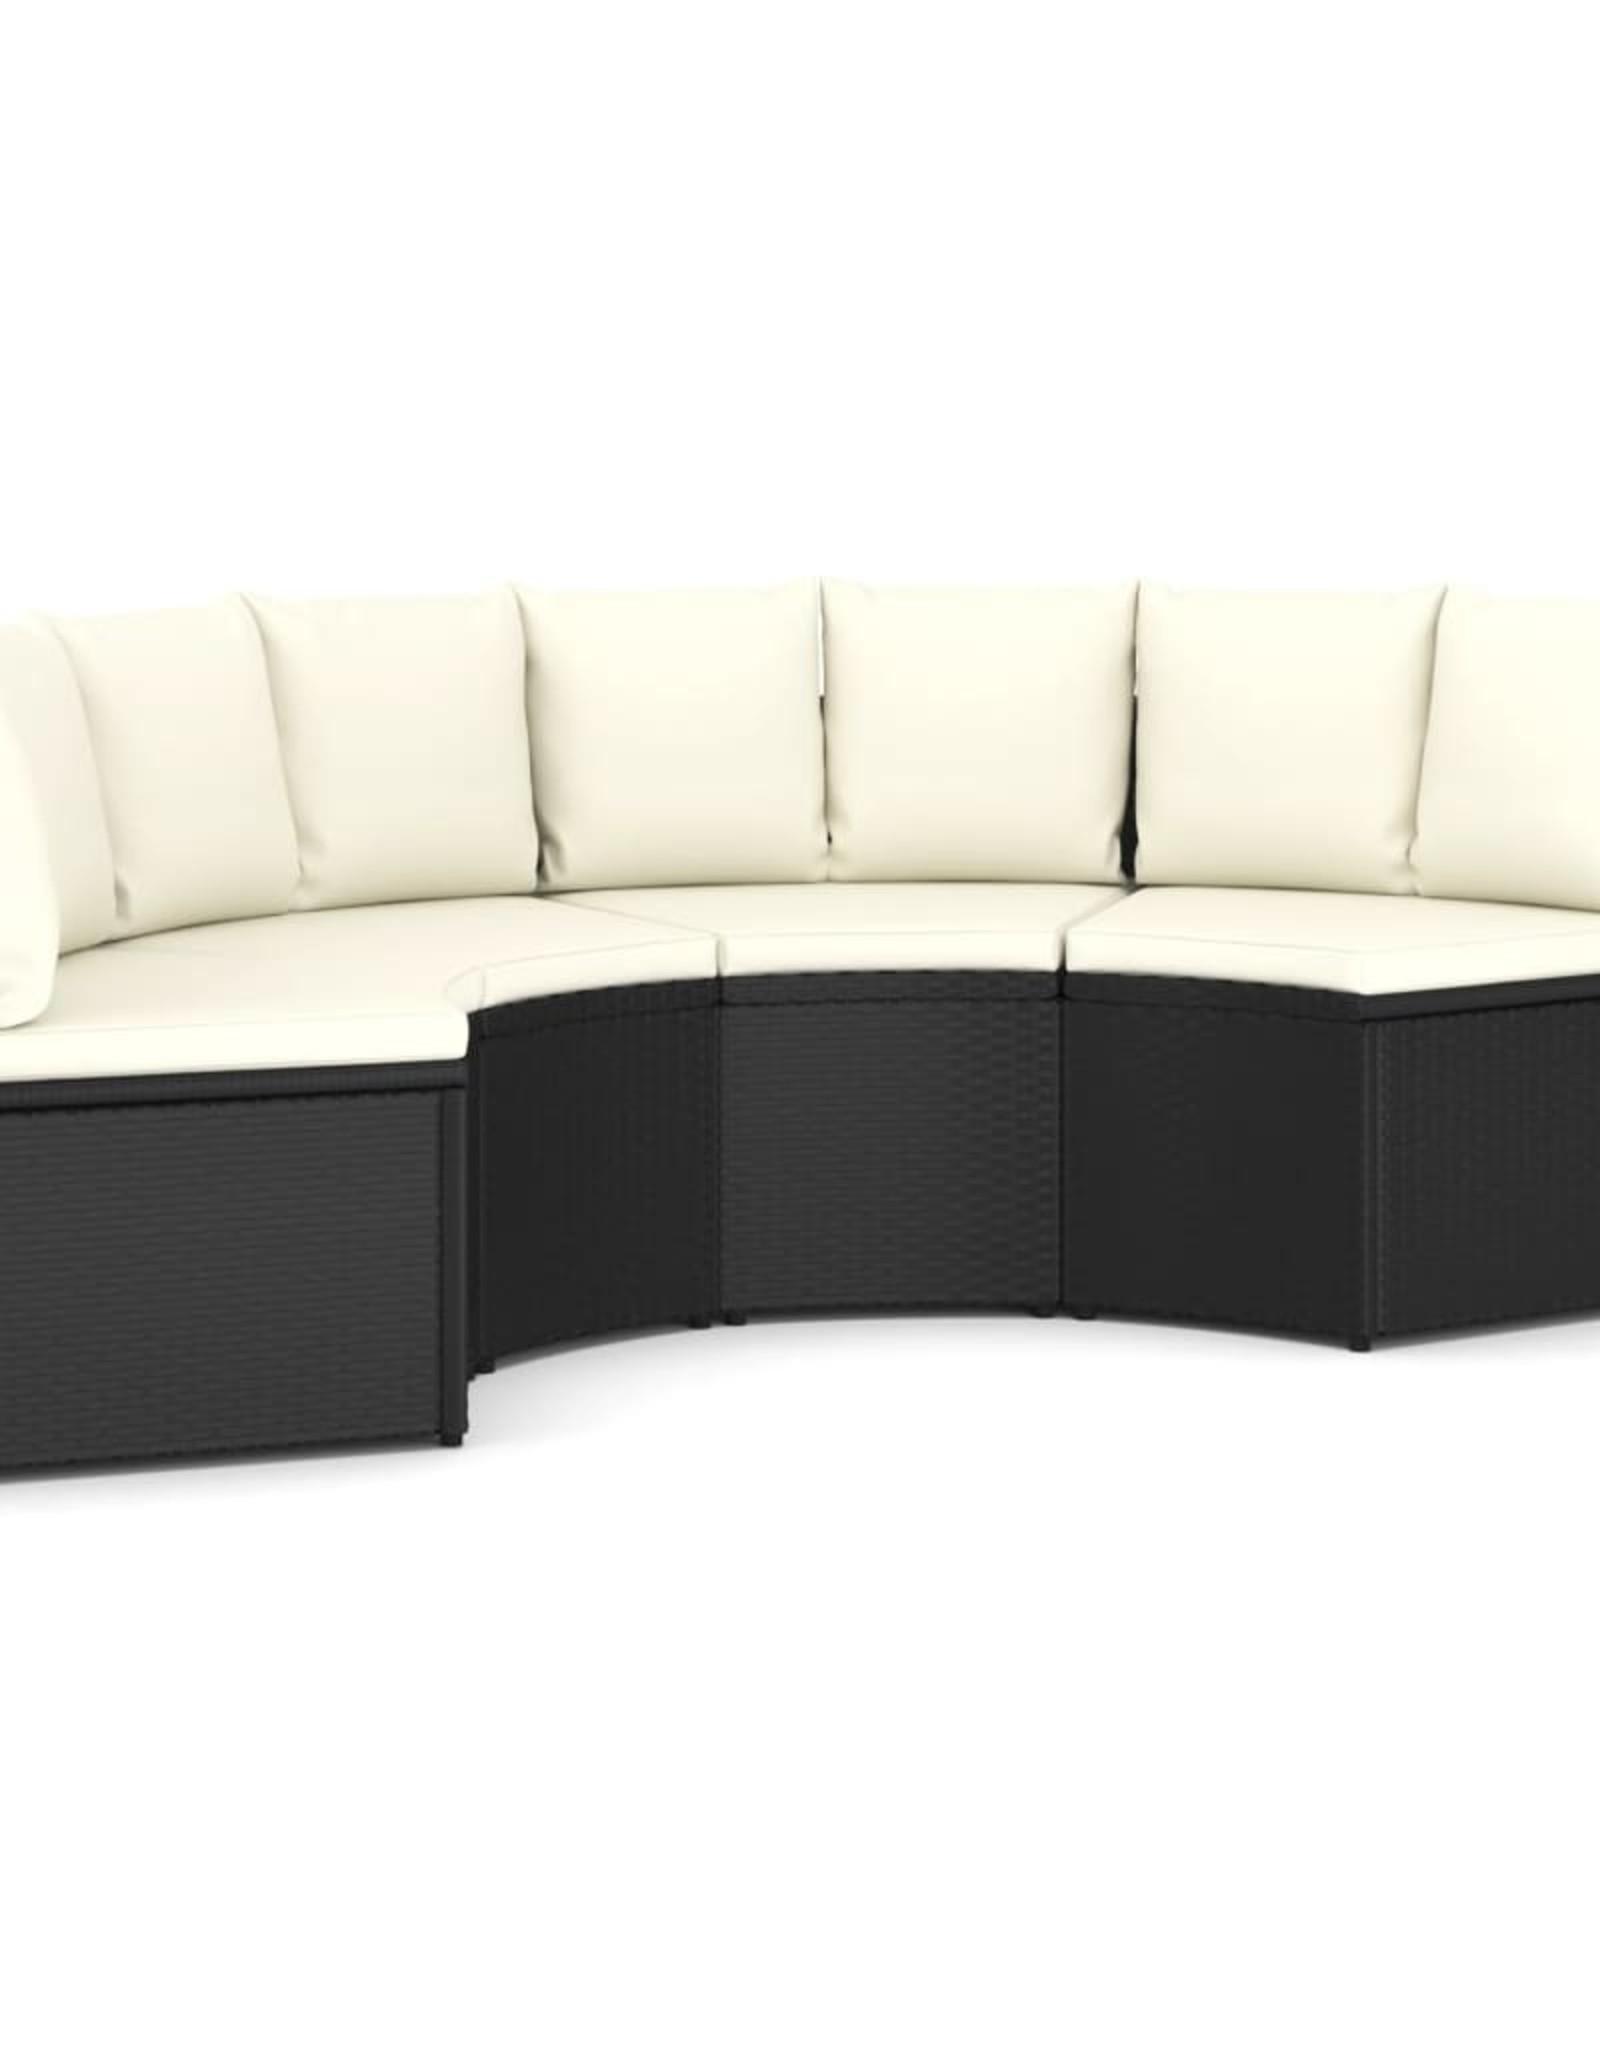 4-delige Loungeset met kussens poly rattan zwart